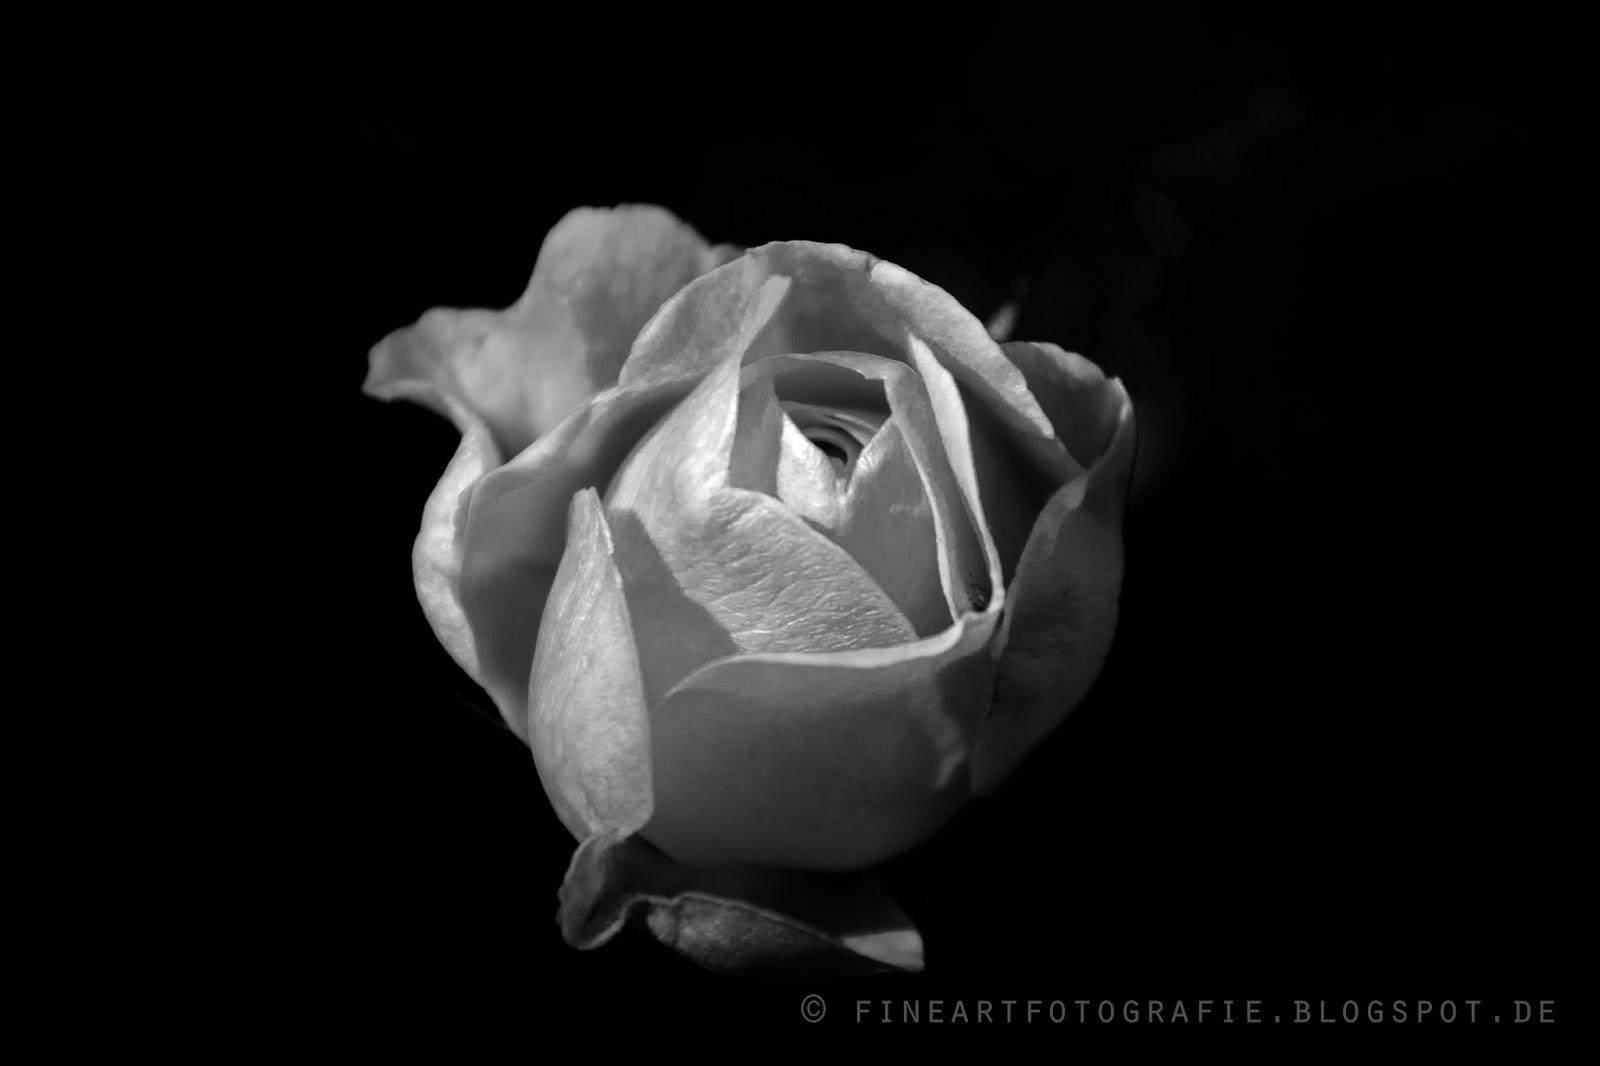 Fine Art Fotografie Blumen Und Pflanzen In Schwarz Weiss